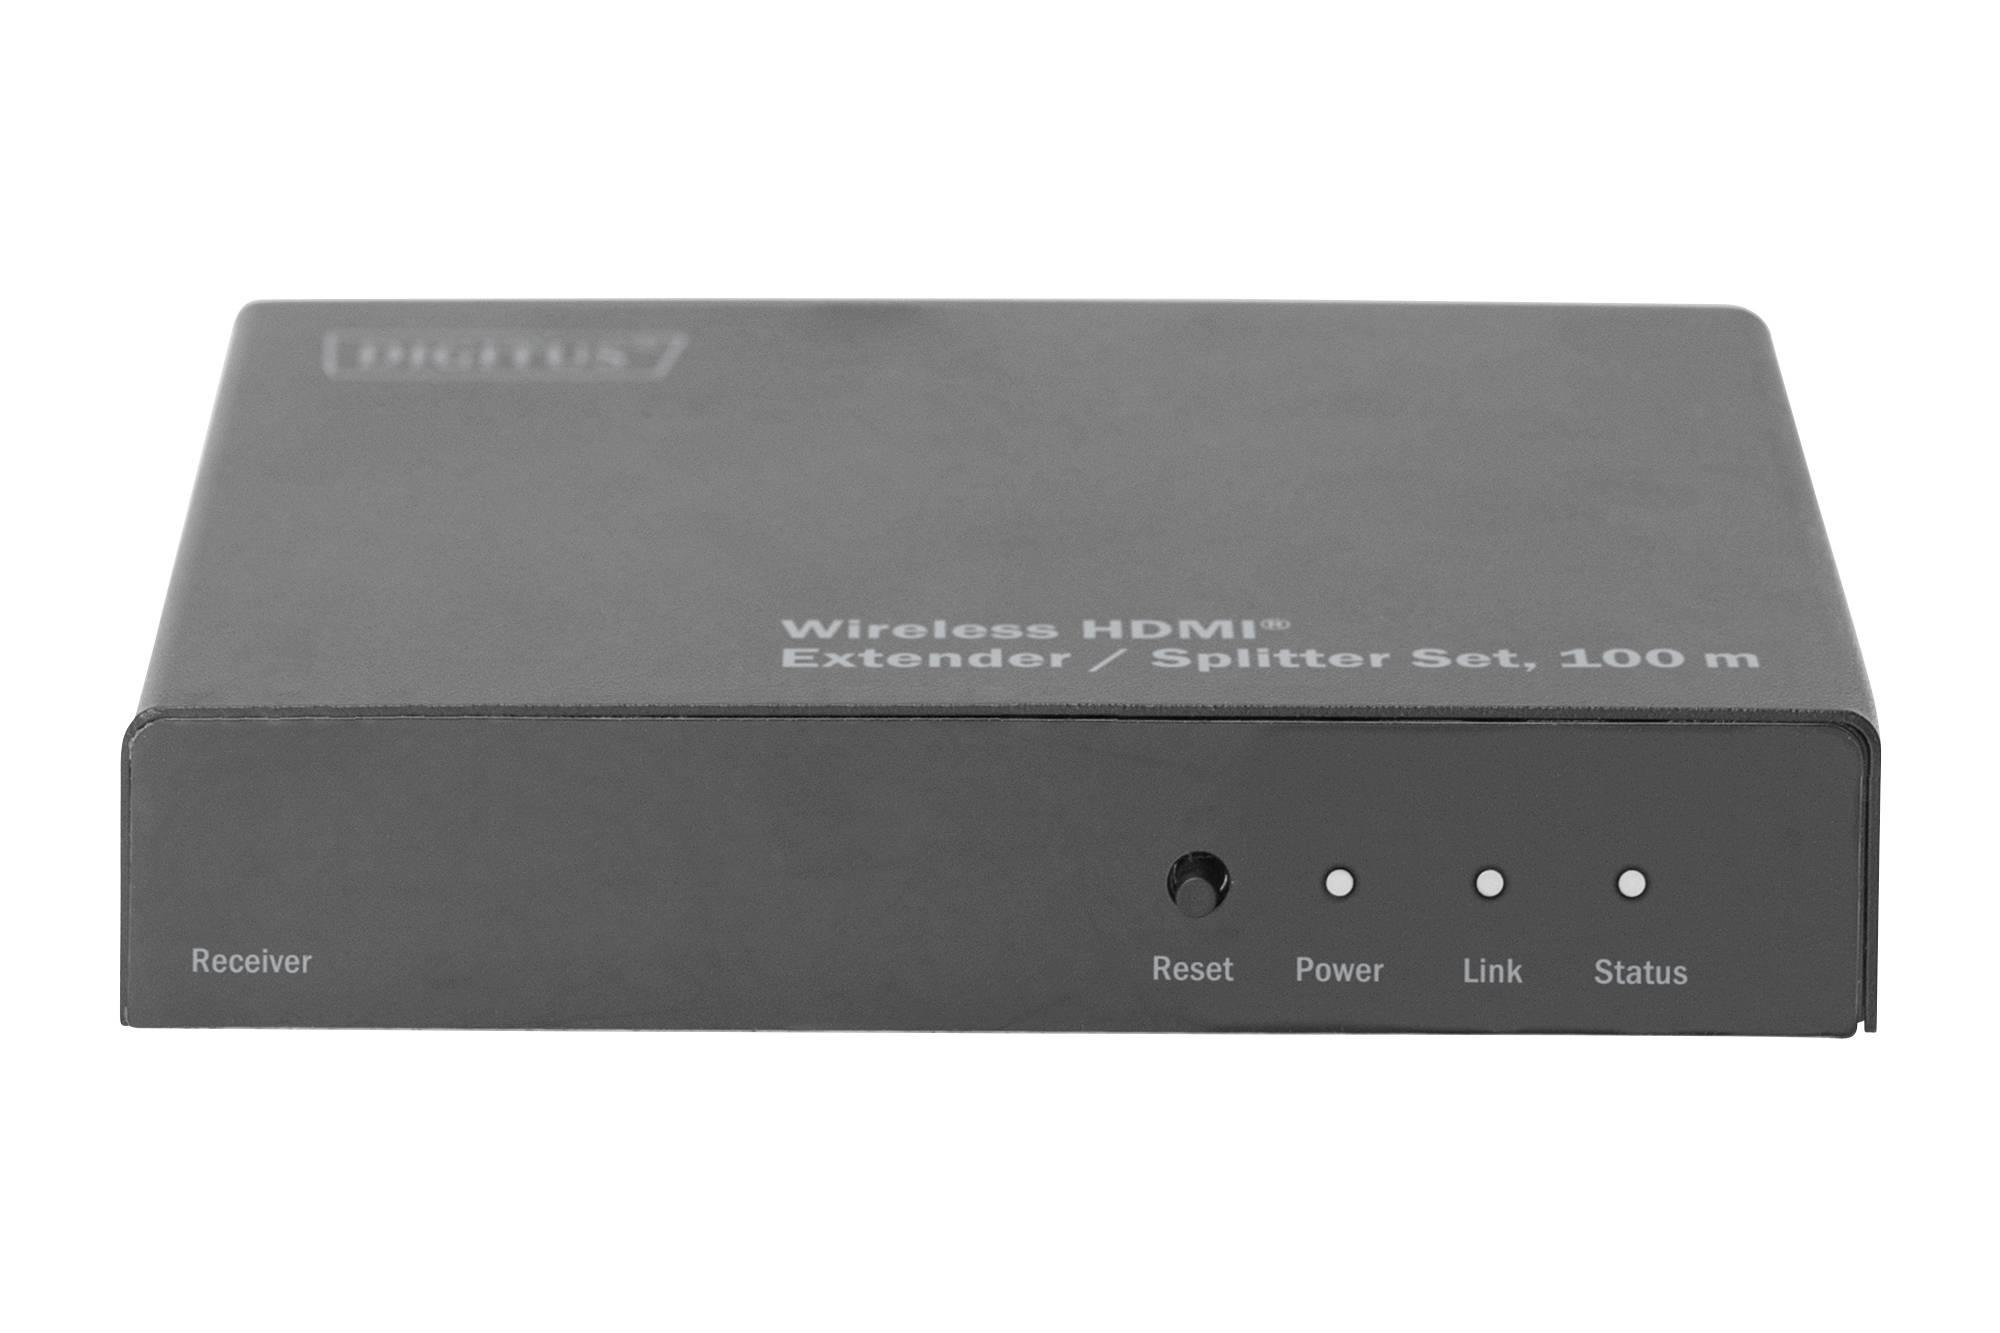 Digitus DS-55315 HDMI naprava za brezžični prenos (sprejemnik) 100 m 5 GHz 1024 x 720 piksel, 1080 x 720 piksel, 1200 x